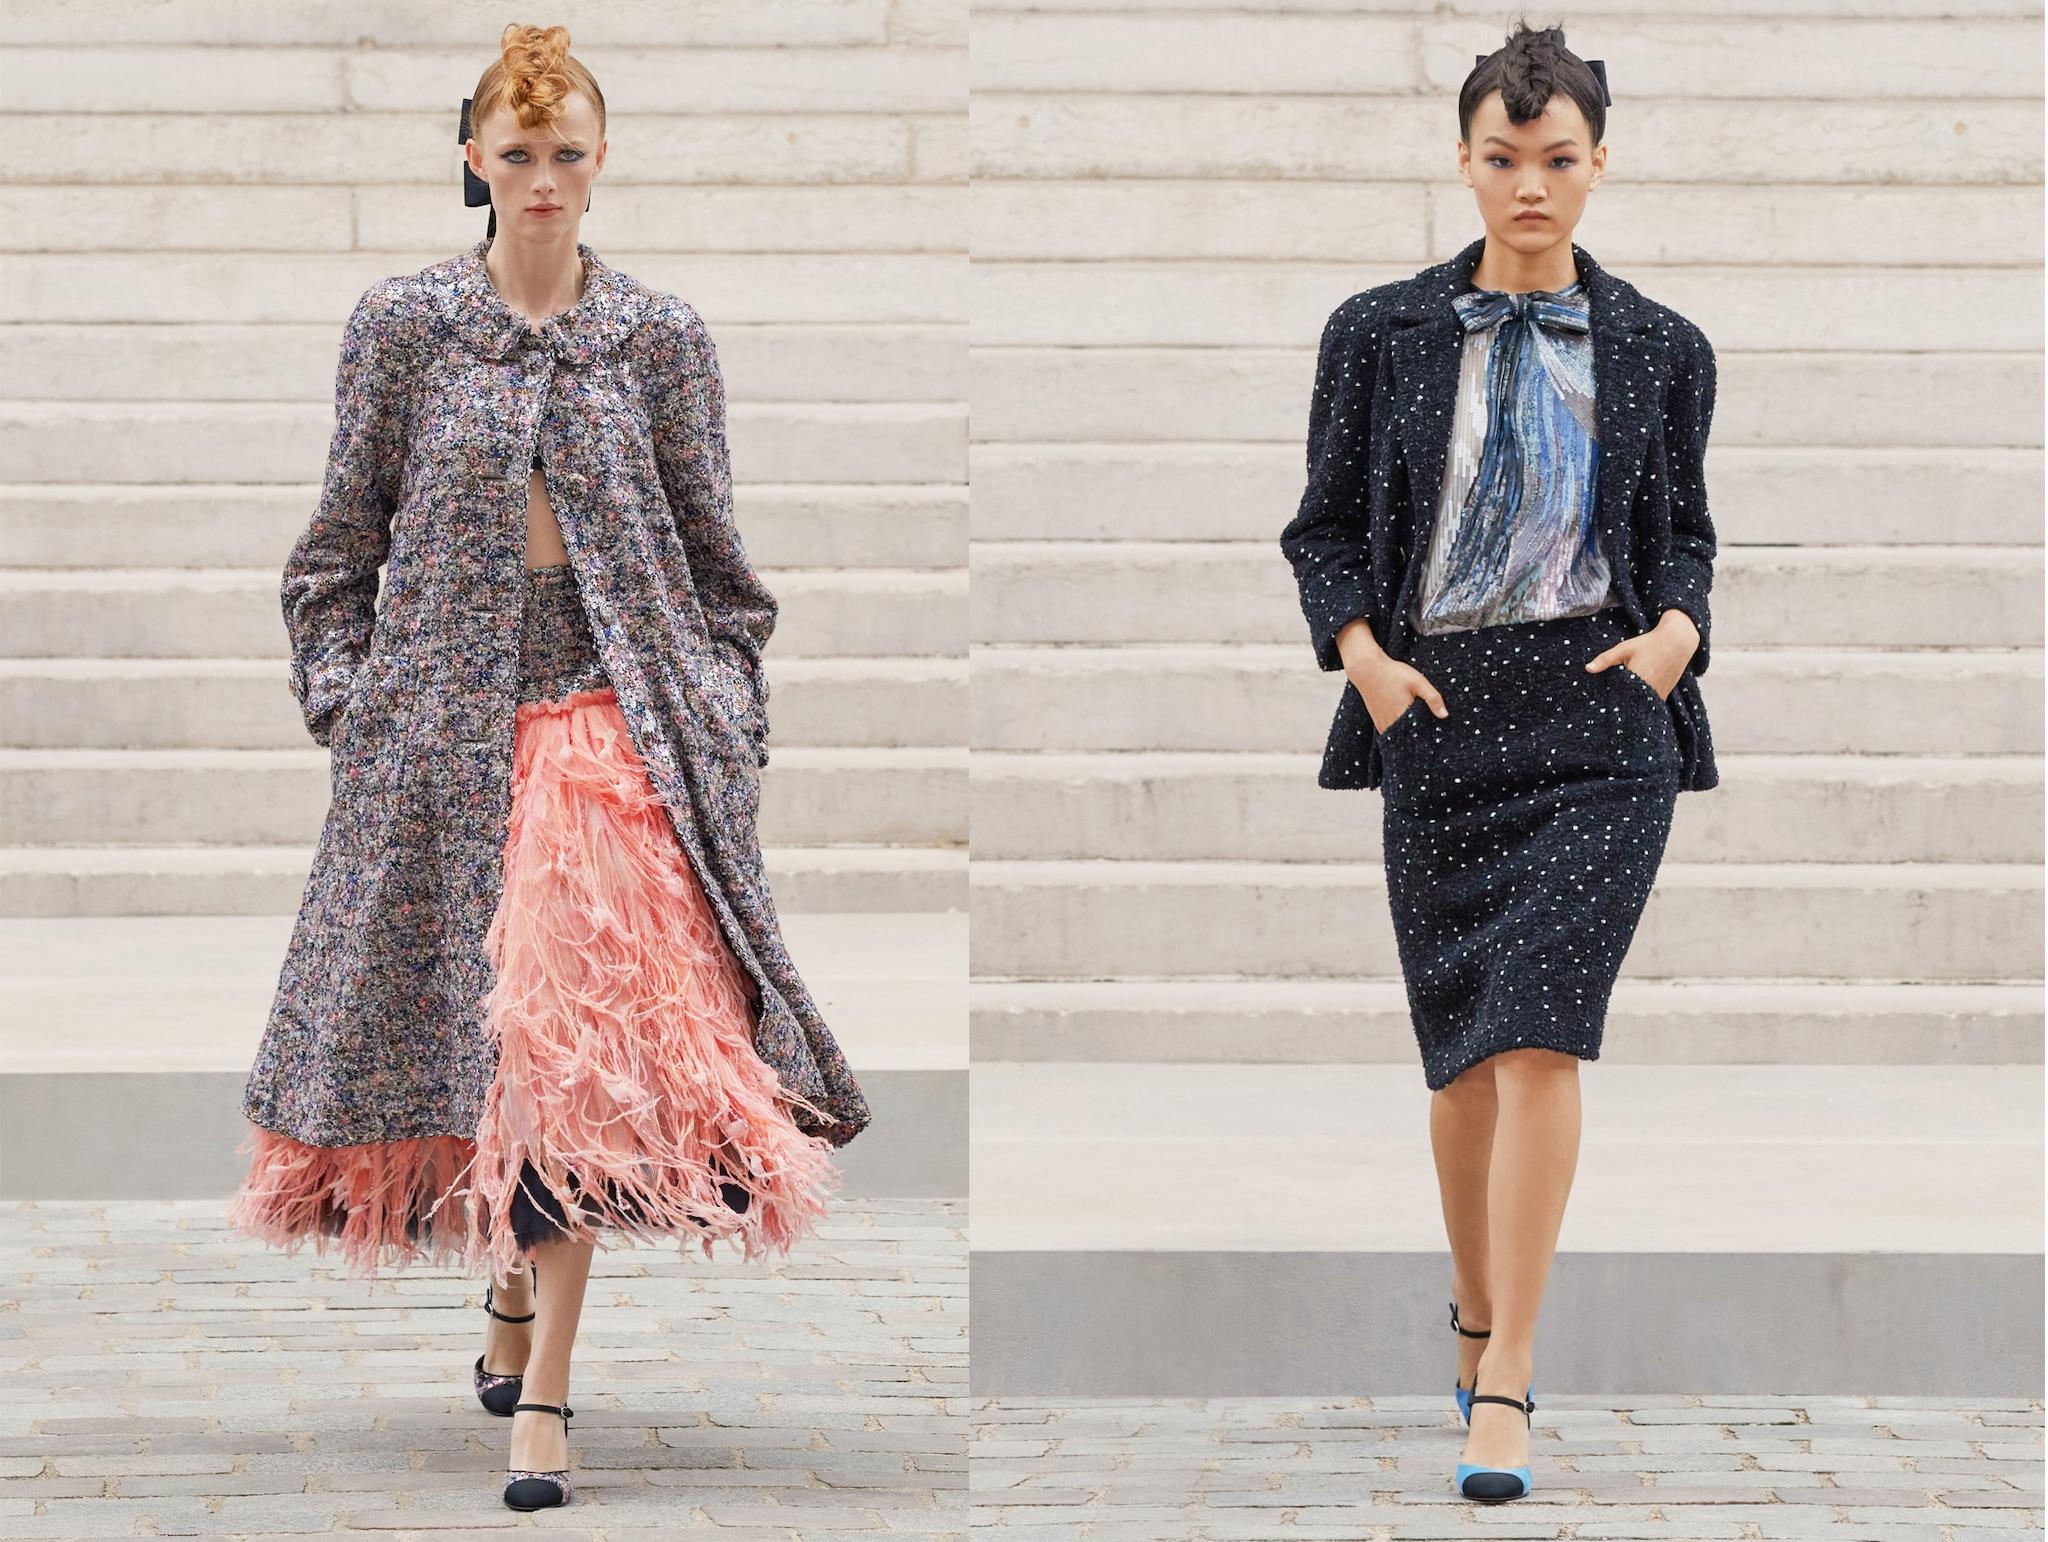 """Chanel Couture Il Palais Galliera (che ospita fino al 18 luglio la mostra Gabrielle Chanel, Fashion Manifesto) ha accolto come quadri Impressionisti i tweed della Maison illuminati da micro paillettes, bluse ricamate e gonne di piume e chiffon. """" Ho pensato anche ai giardini inglesi"""", ha dichiarato Virginie Viard, alla guida creativa del brand. """"Mi piace mischiare un tocco di Inghilterra con uno stile molto francese, è come mischiare maschile e femminile""""."""